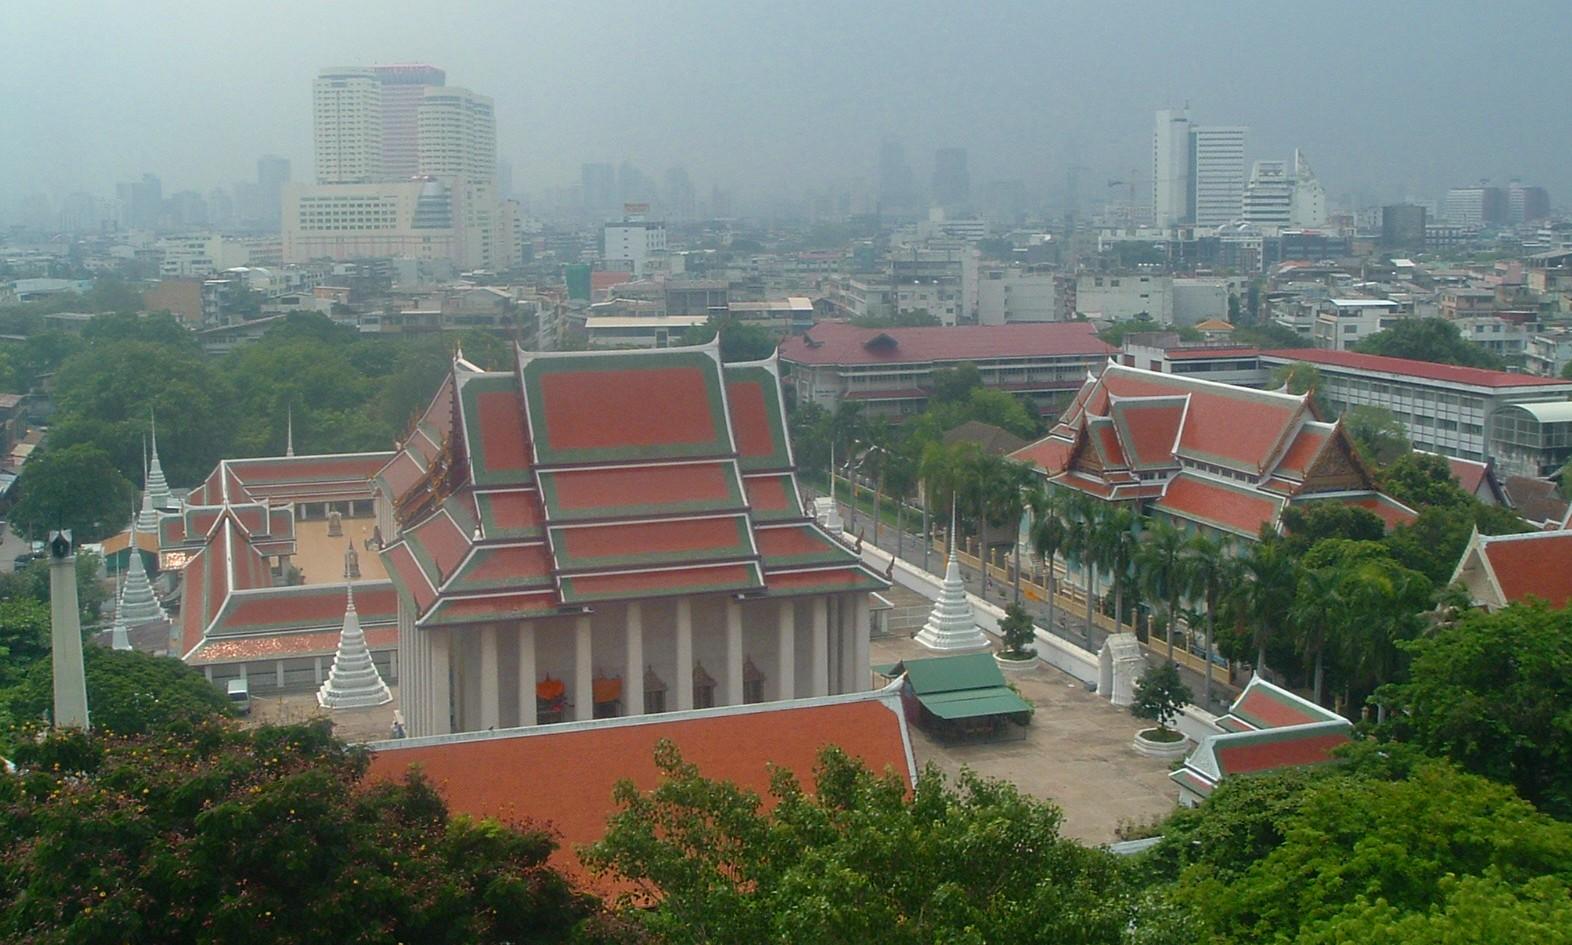 bangkok smog.JPG